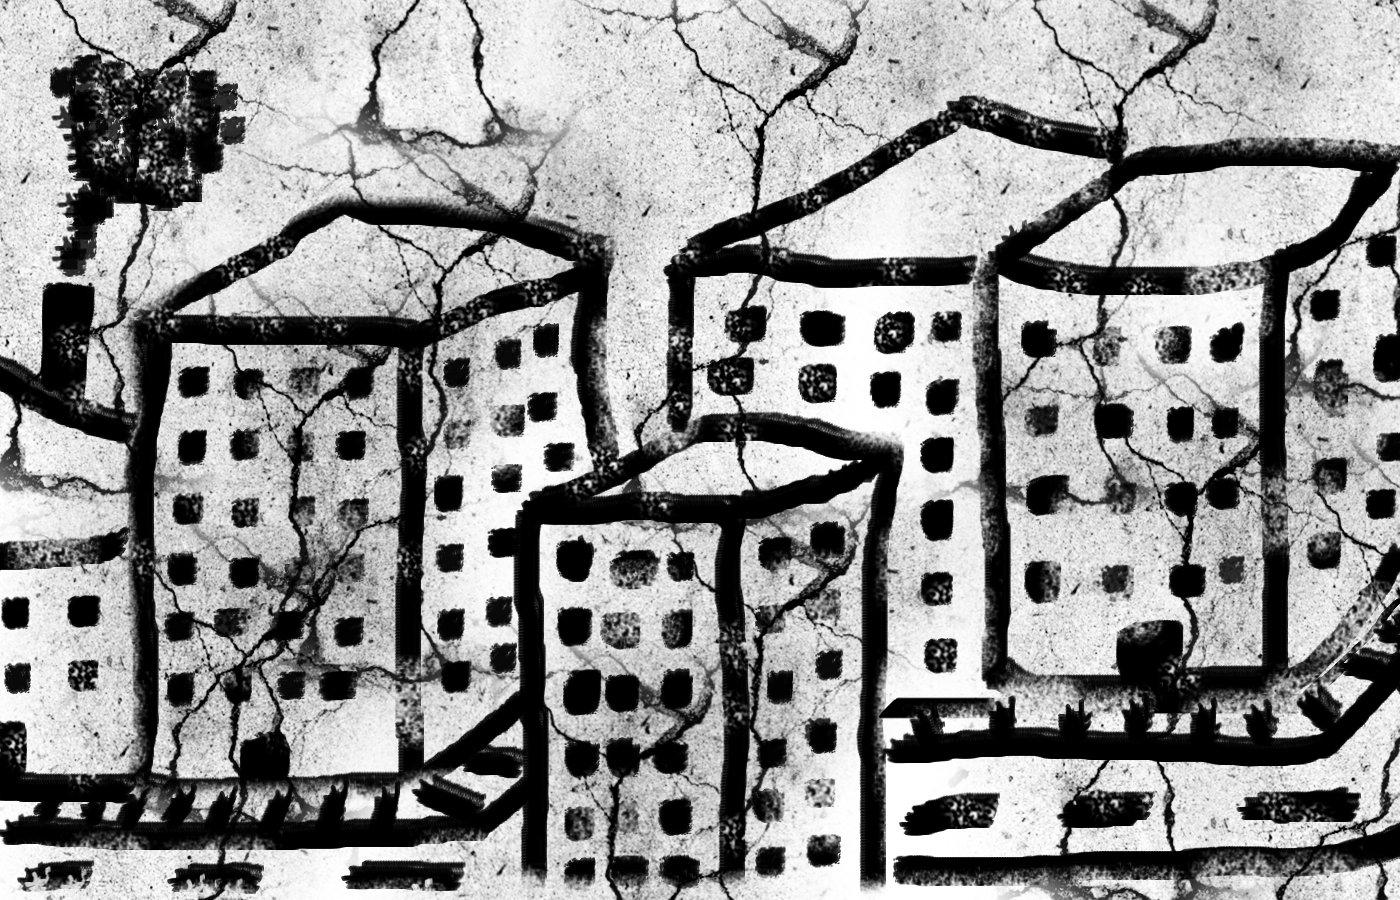 Cracked City